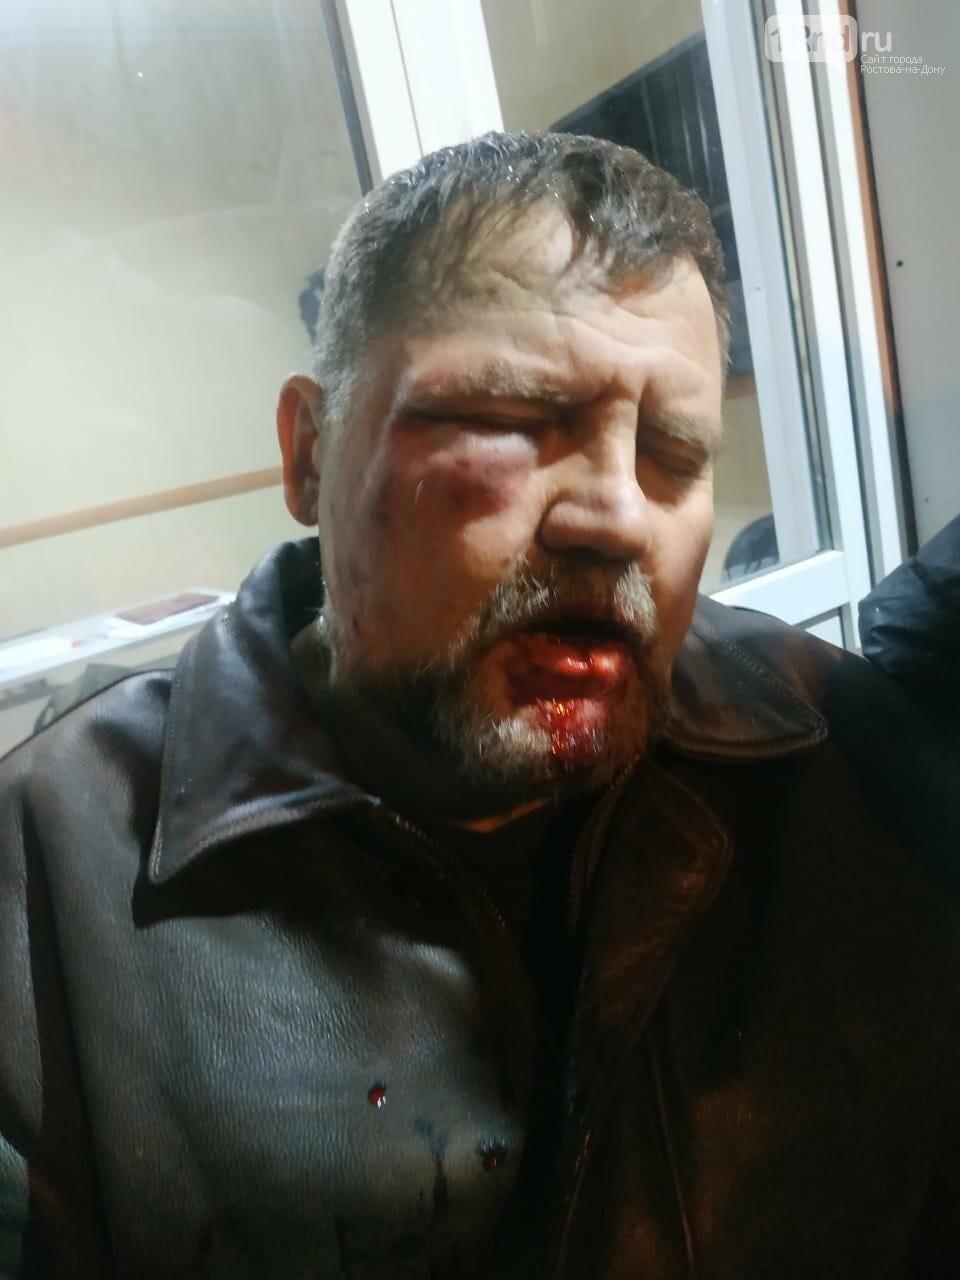 Ростовчанина жестоко избили за поврежденный шлагбаум ТСН возле Суворовского, фото-1